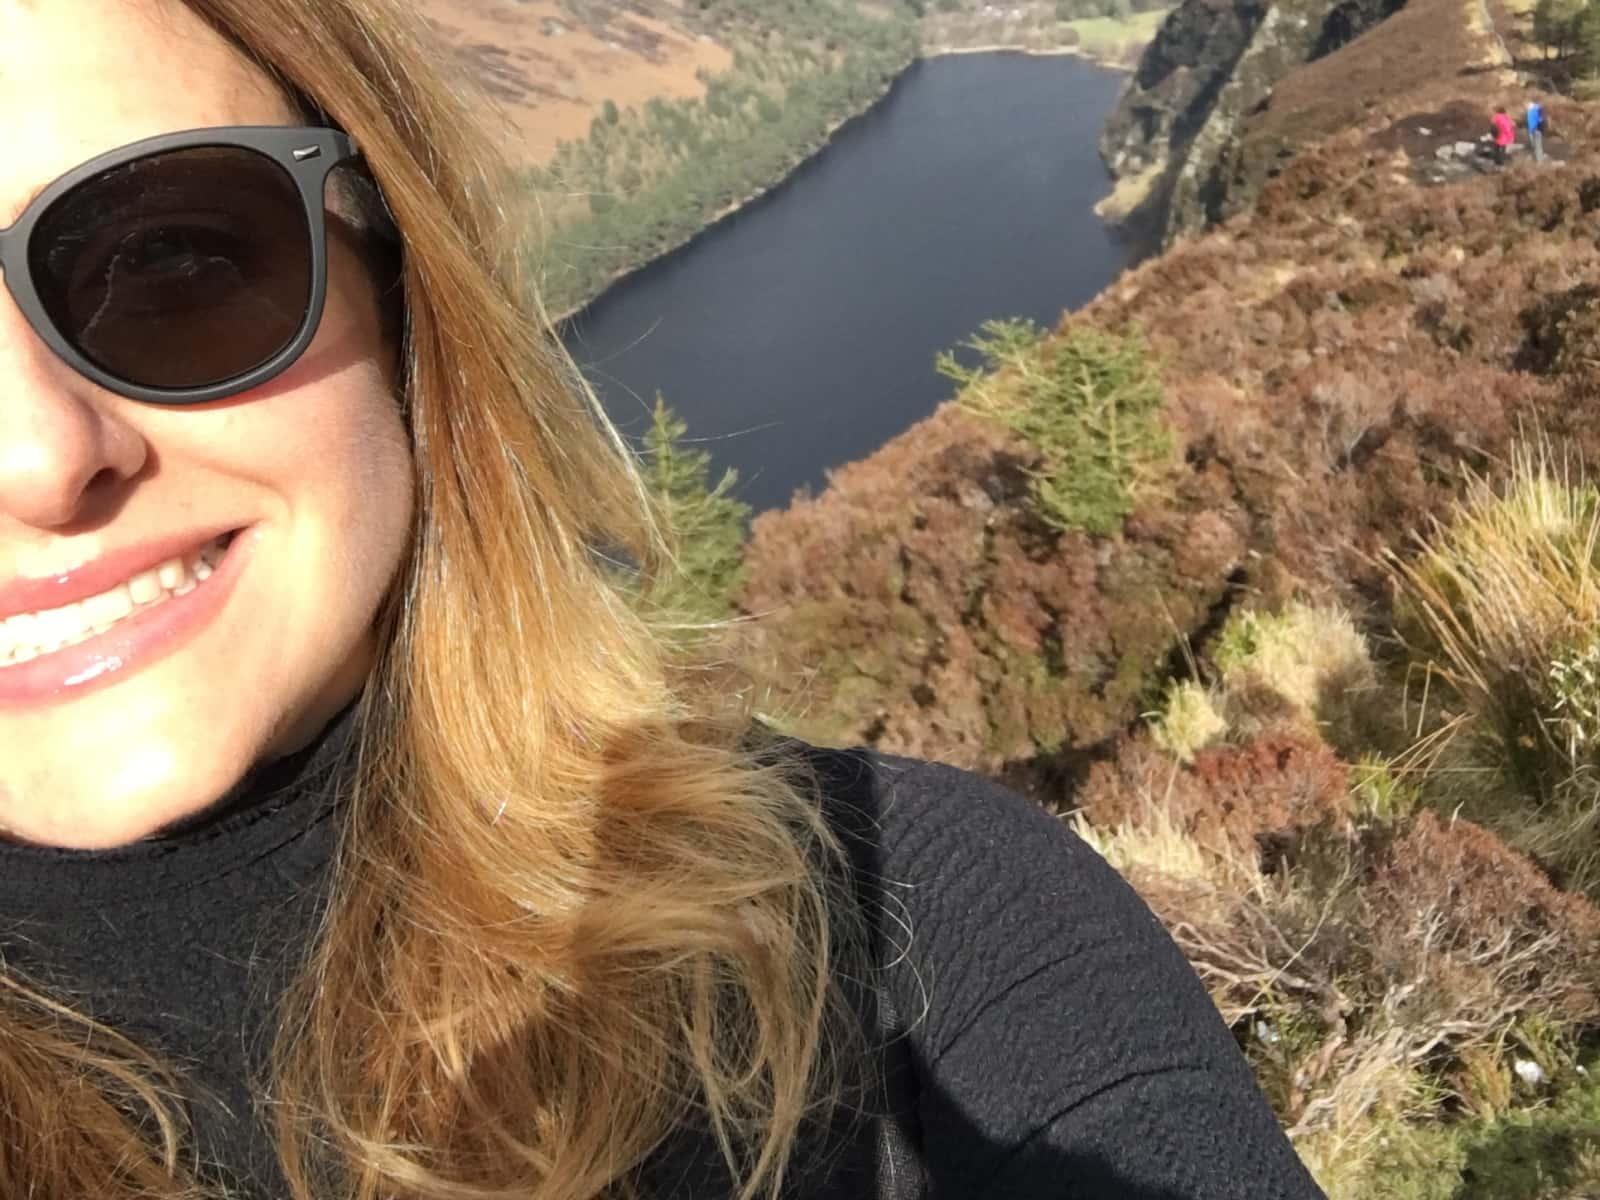 Andrea from Dublin, Ireland